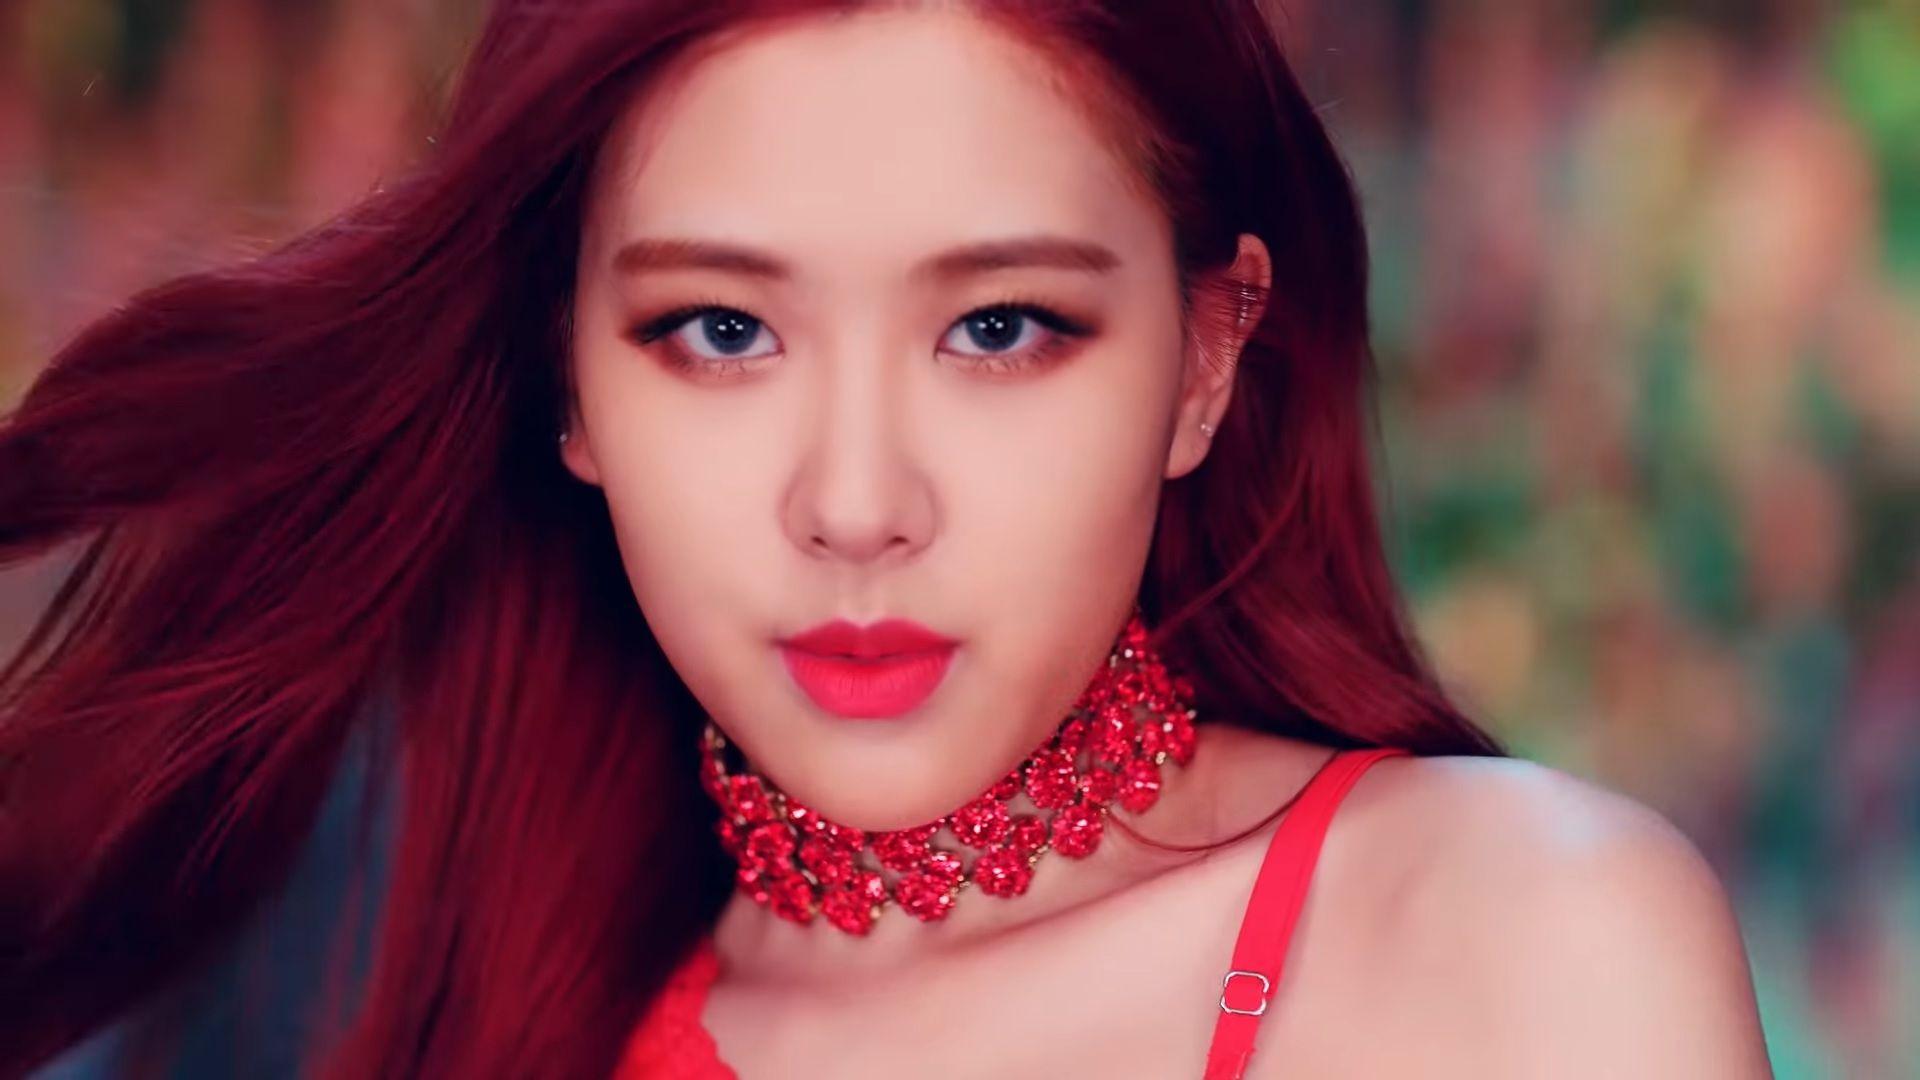 Rose BLACKPINK: Rose Blackpink Kpop Music Video Makeup 뚜두뚜두 (DDU-DU DDU-DU